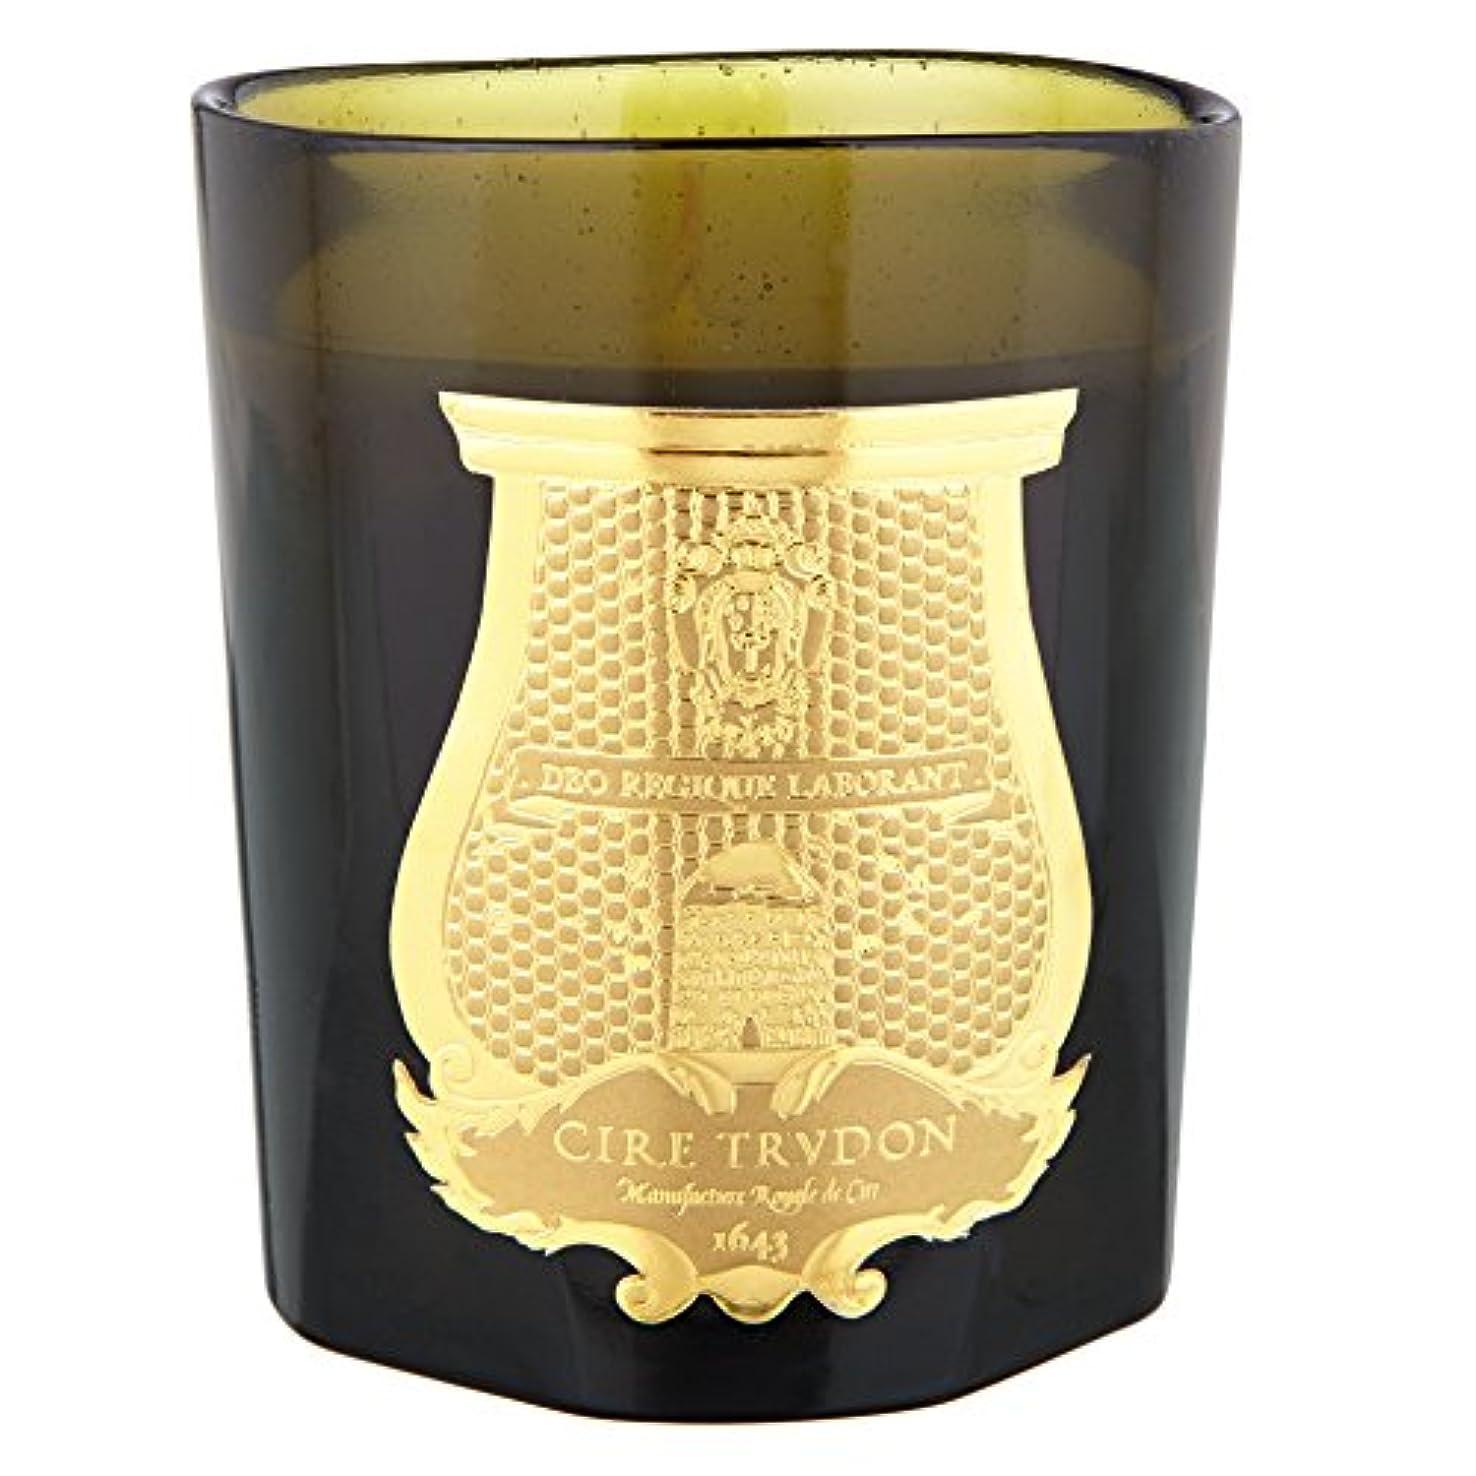 市の花メタン任命するCire Trudonソリスレックス香りのキャンドル (Cire Trudon) - Cire Trudon Solis Rex Scented Candle [並行輸入品]